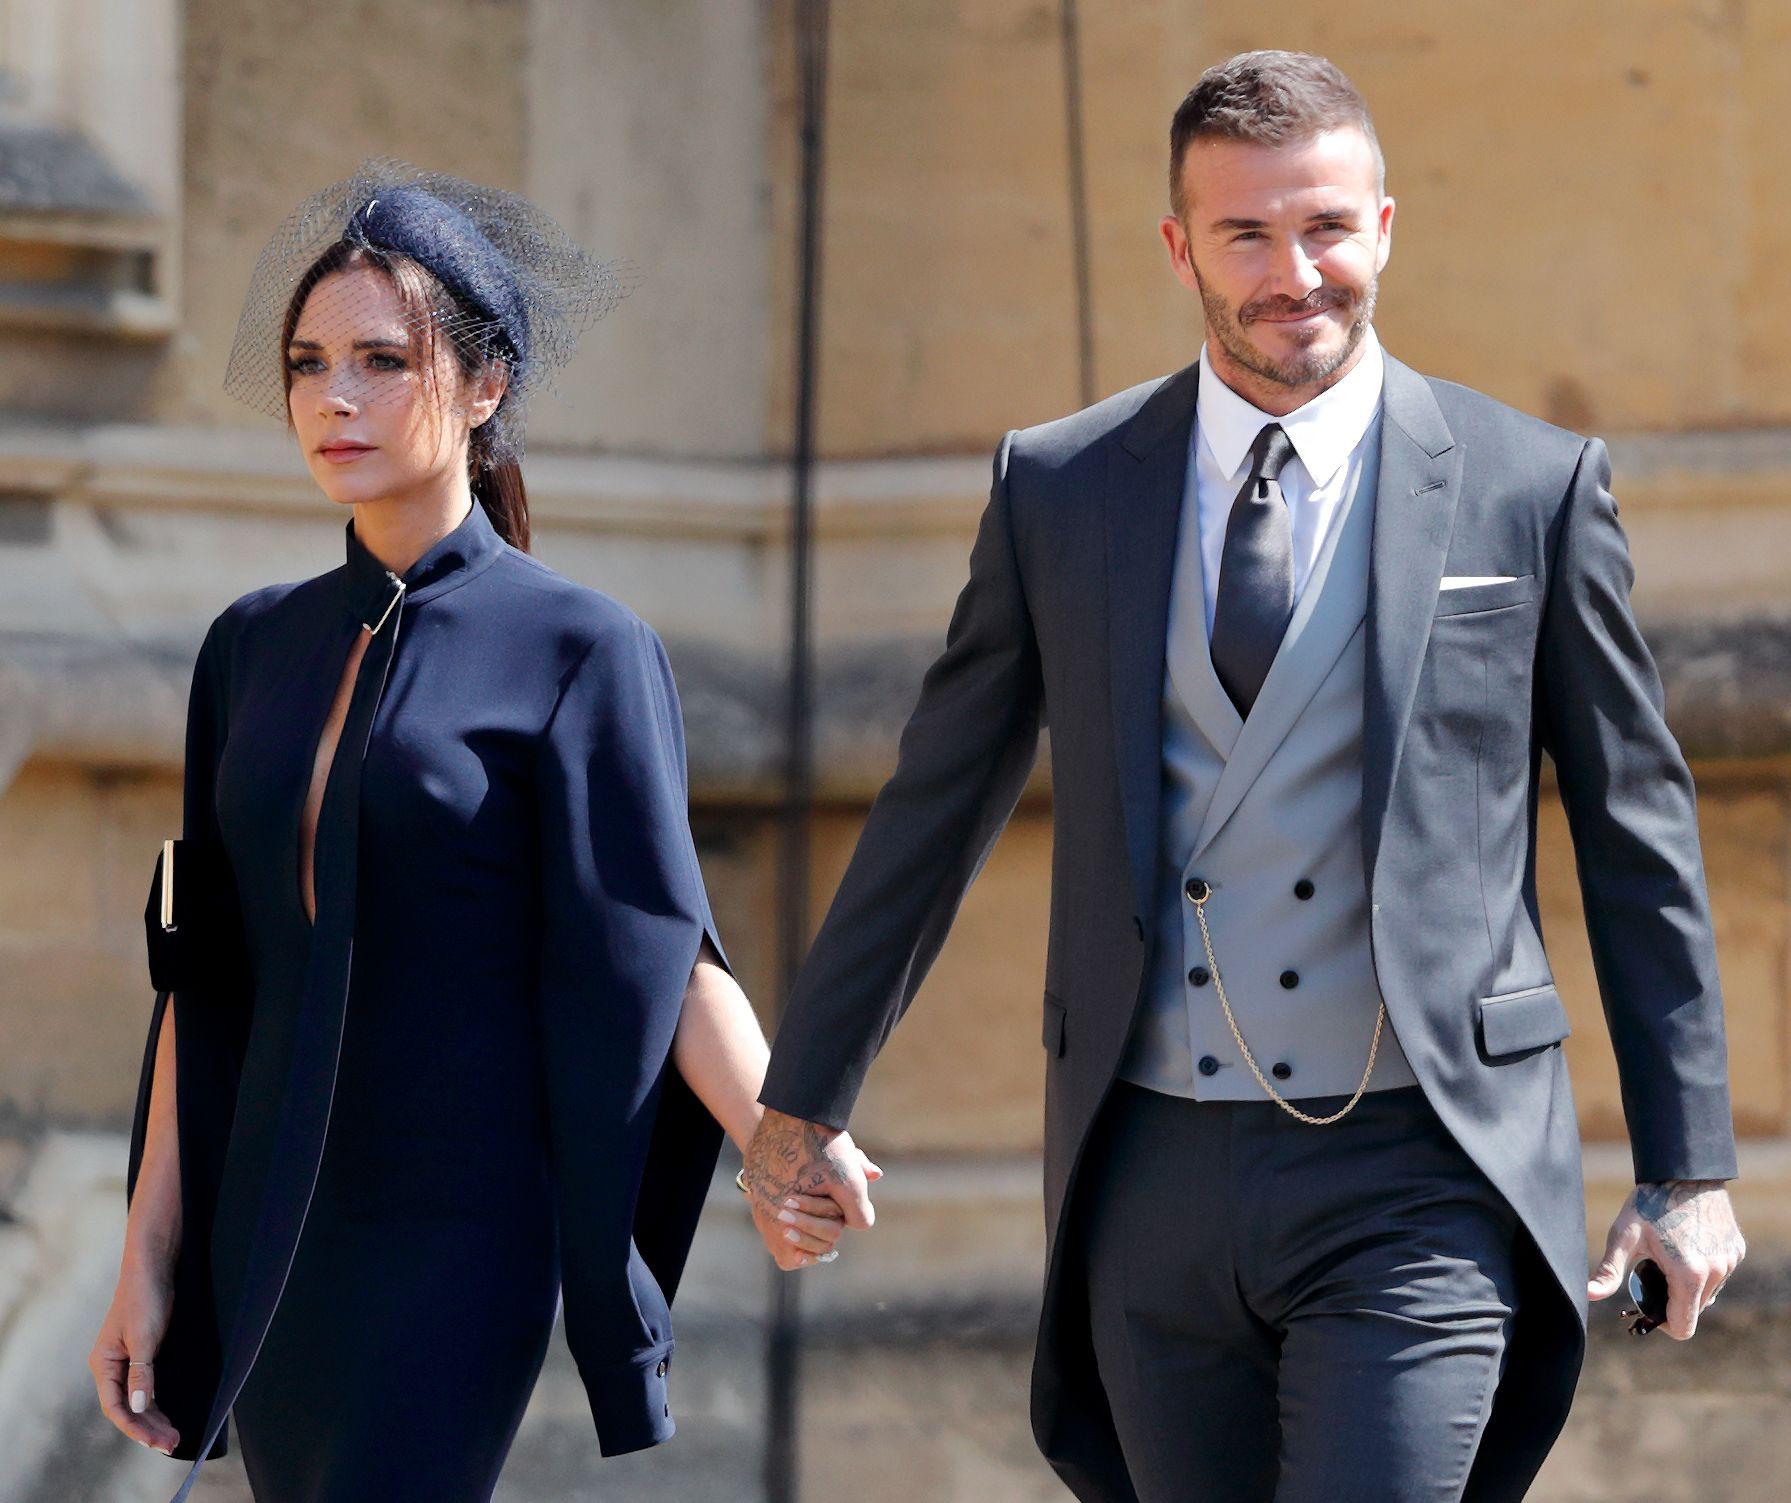 Mặc tin đồn ly dị đến vụng trộm, Beckham vẫn khiến cả thế giới ghen tỵ vì ưu ái vợ cử chỉ đặc biệt này suốt 20 năm - Ảnh 6.